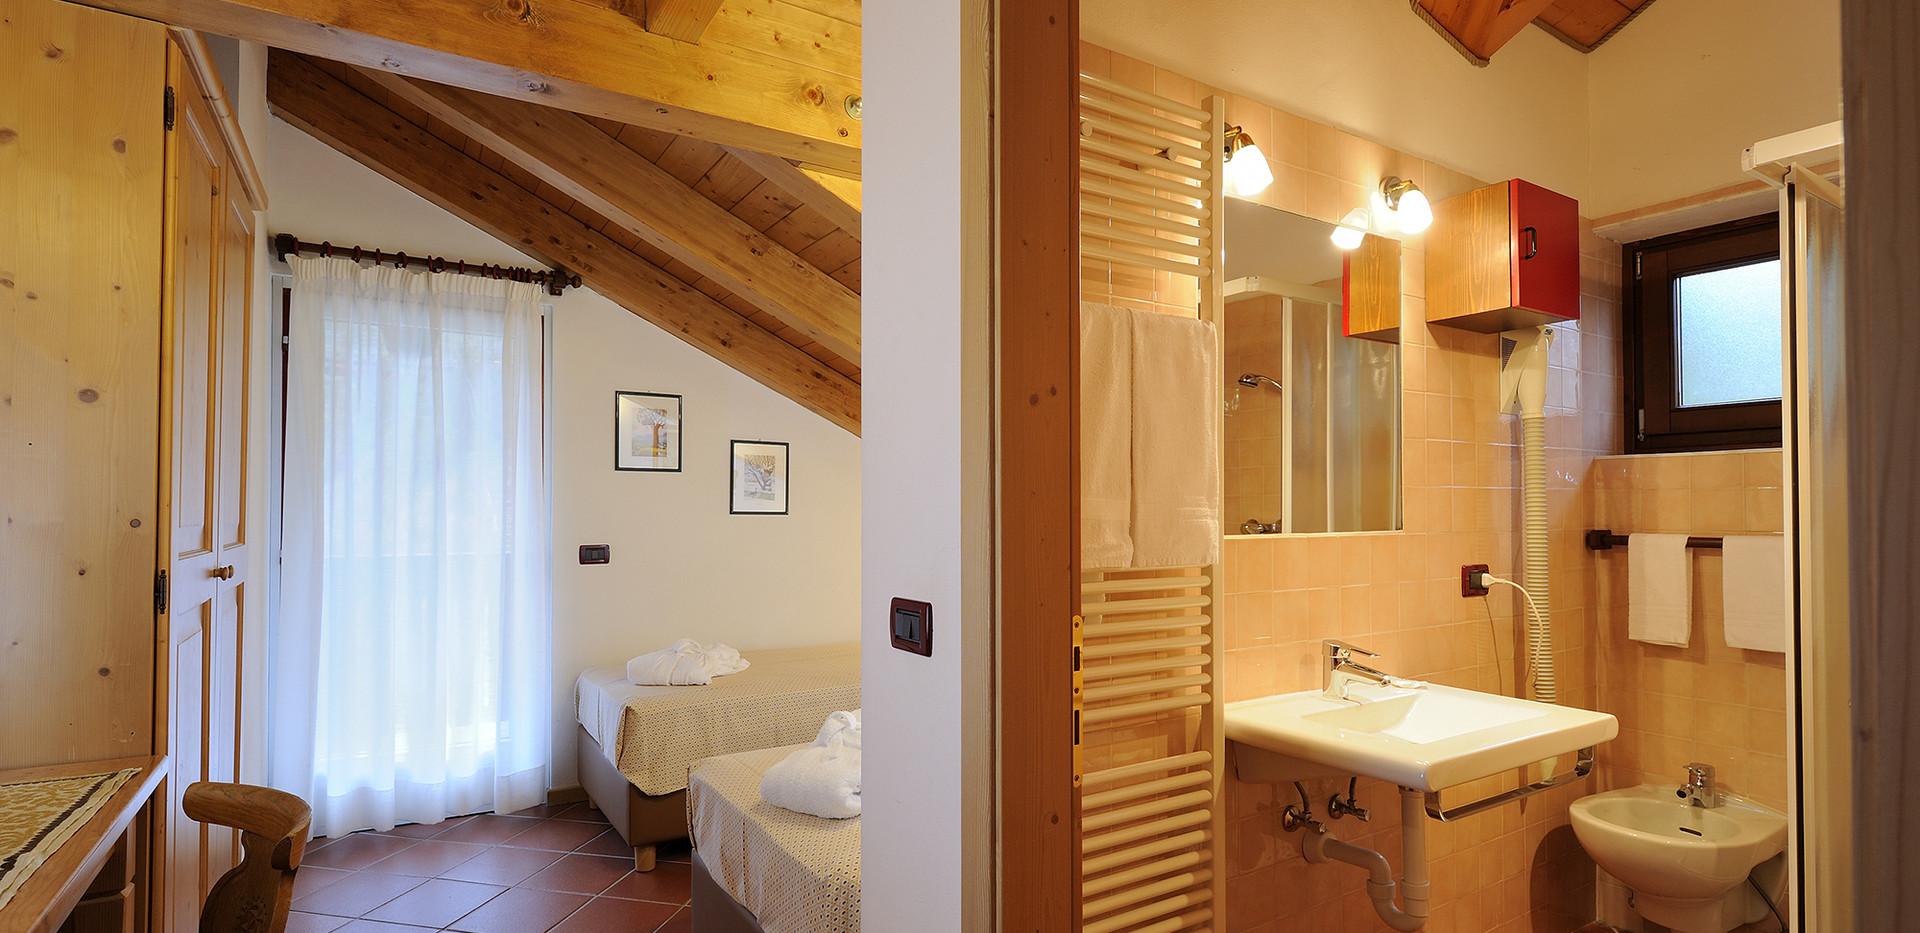 Morfeo - Camera a 2 letti e bagno